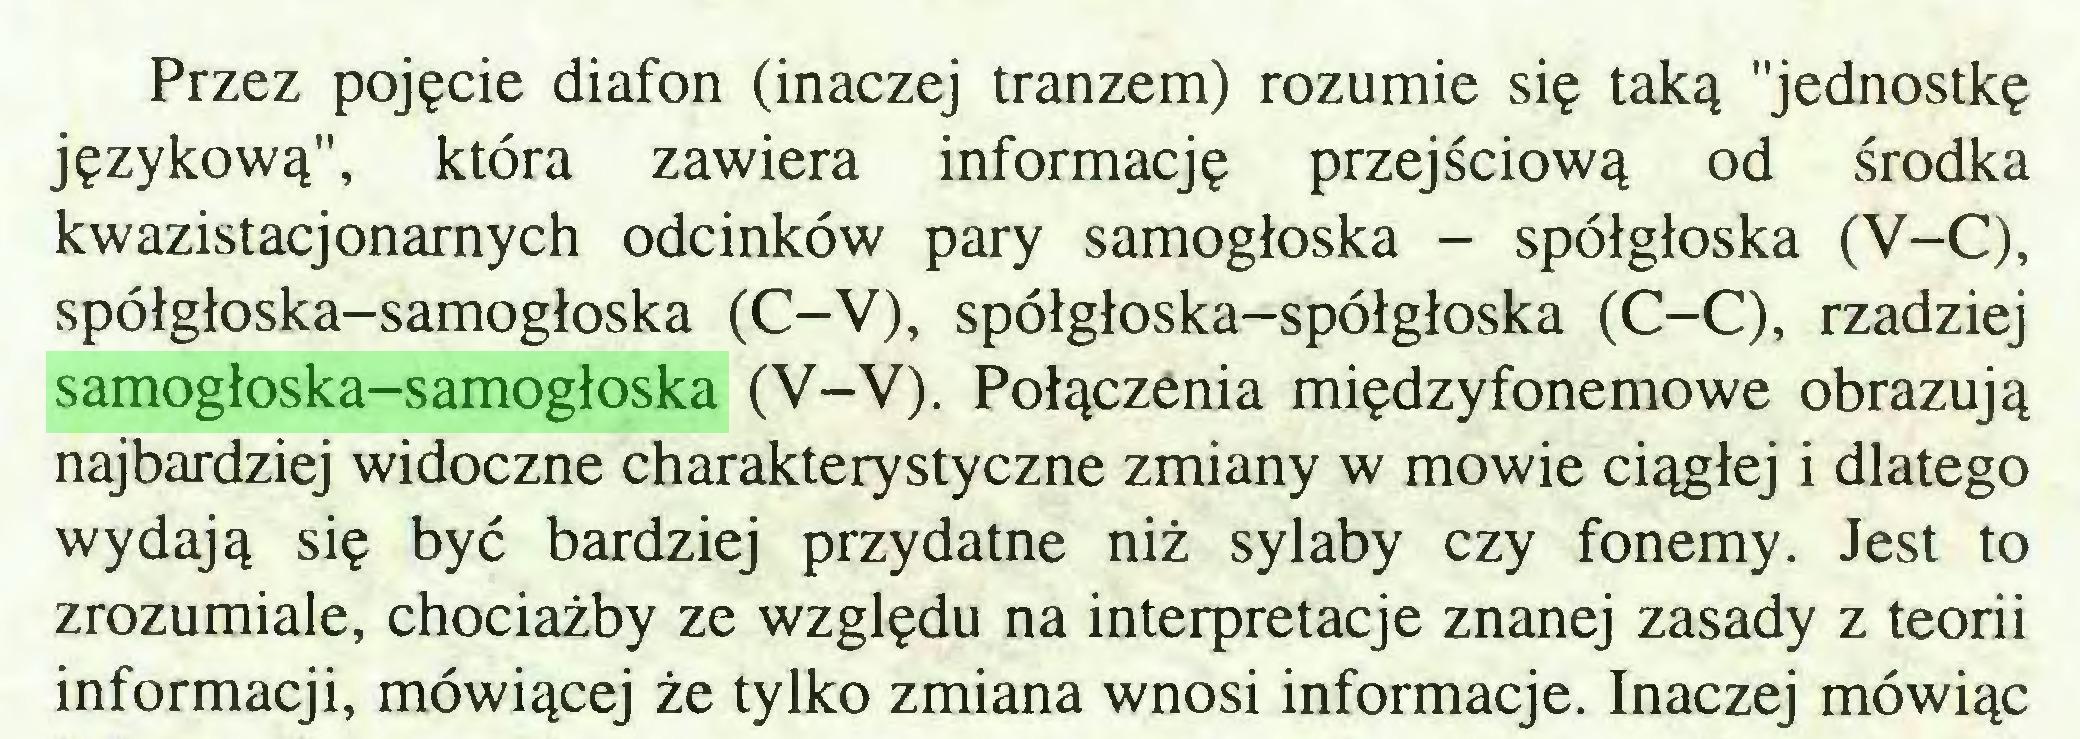 """(...) Przez pojęcie diafon (inaczej tranzem) rozumie się taką """"jednostkę językową"""", która zawiera informację przejściową od środka kwazistacjonarnych odcinków pary samogłoska - spółgłoska (V-C), spółgłoska-samogłoska (C-V), spółgłoska-spółgłoska (C-C), rzadziej samogłoska-samogłoska (V-V). Połączenia międzyfonemowe obrazują najbardziej widoczne charakterystyczne zmiany w mowie ciągłej i dlatego wydają się być bardziej przydatne niż sylaby czy fonemy. Jest to zrozumiale, chociażby ze względu na interpretacje znanej zasady z teorii informacji, mówiącej że tylko zmiana wnosi informacje. Inaczej mówiąc..."""